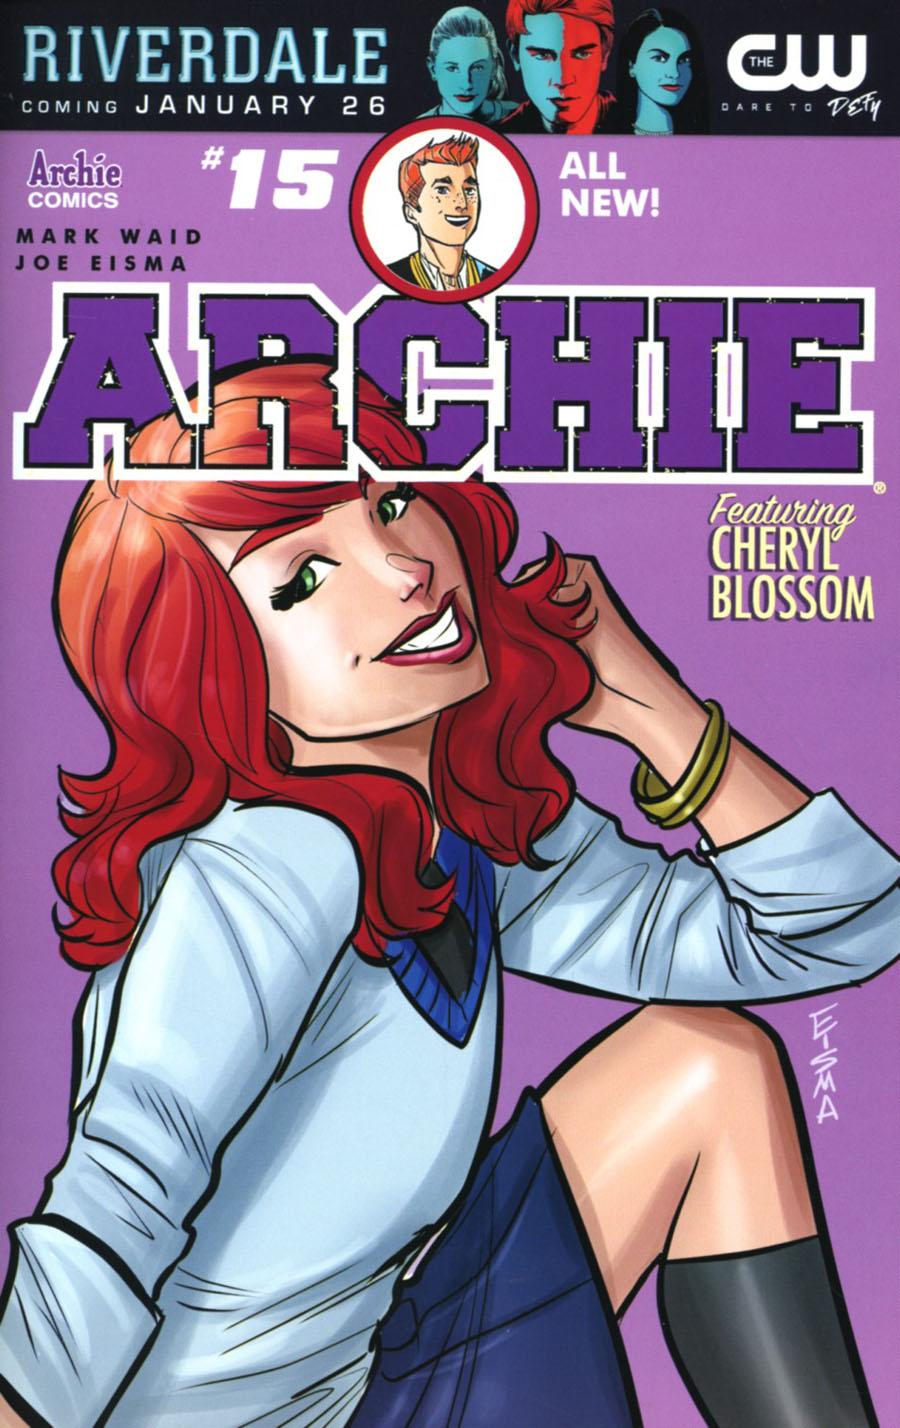 Archie Vol 2 #15 Cover A Regular Joe Eisma Cover